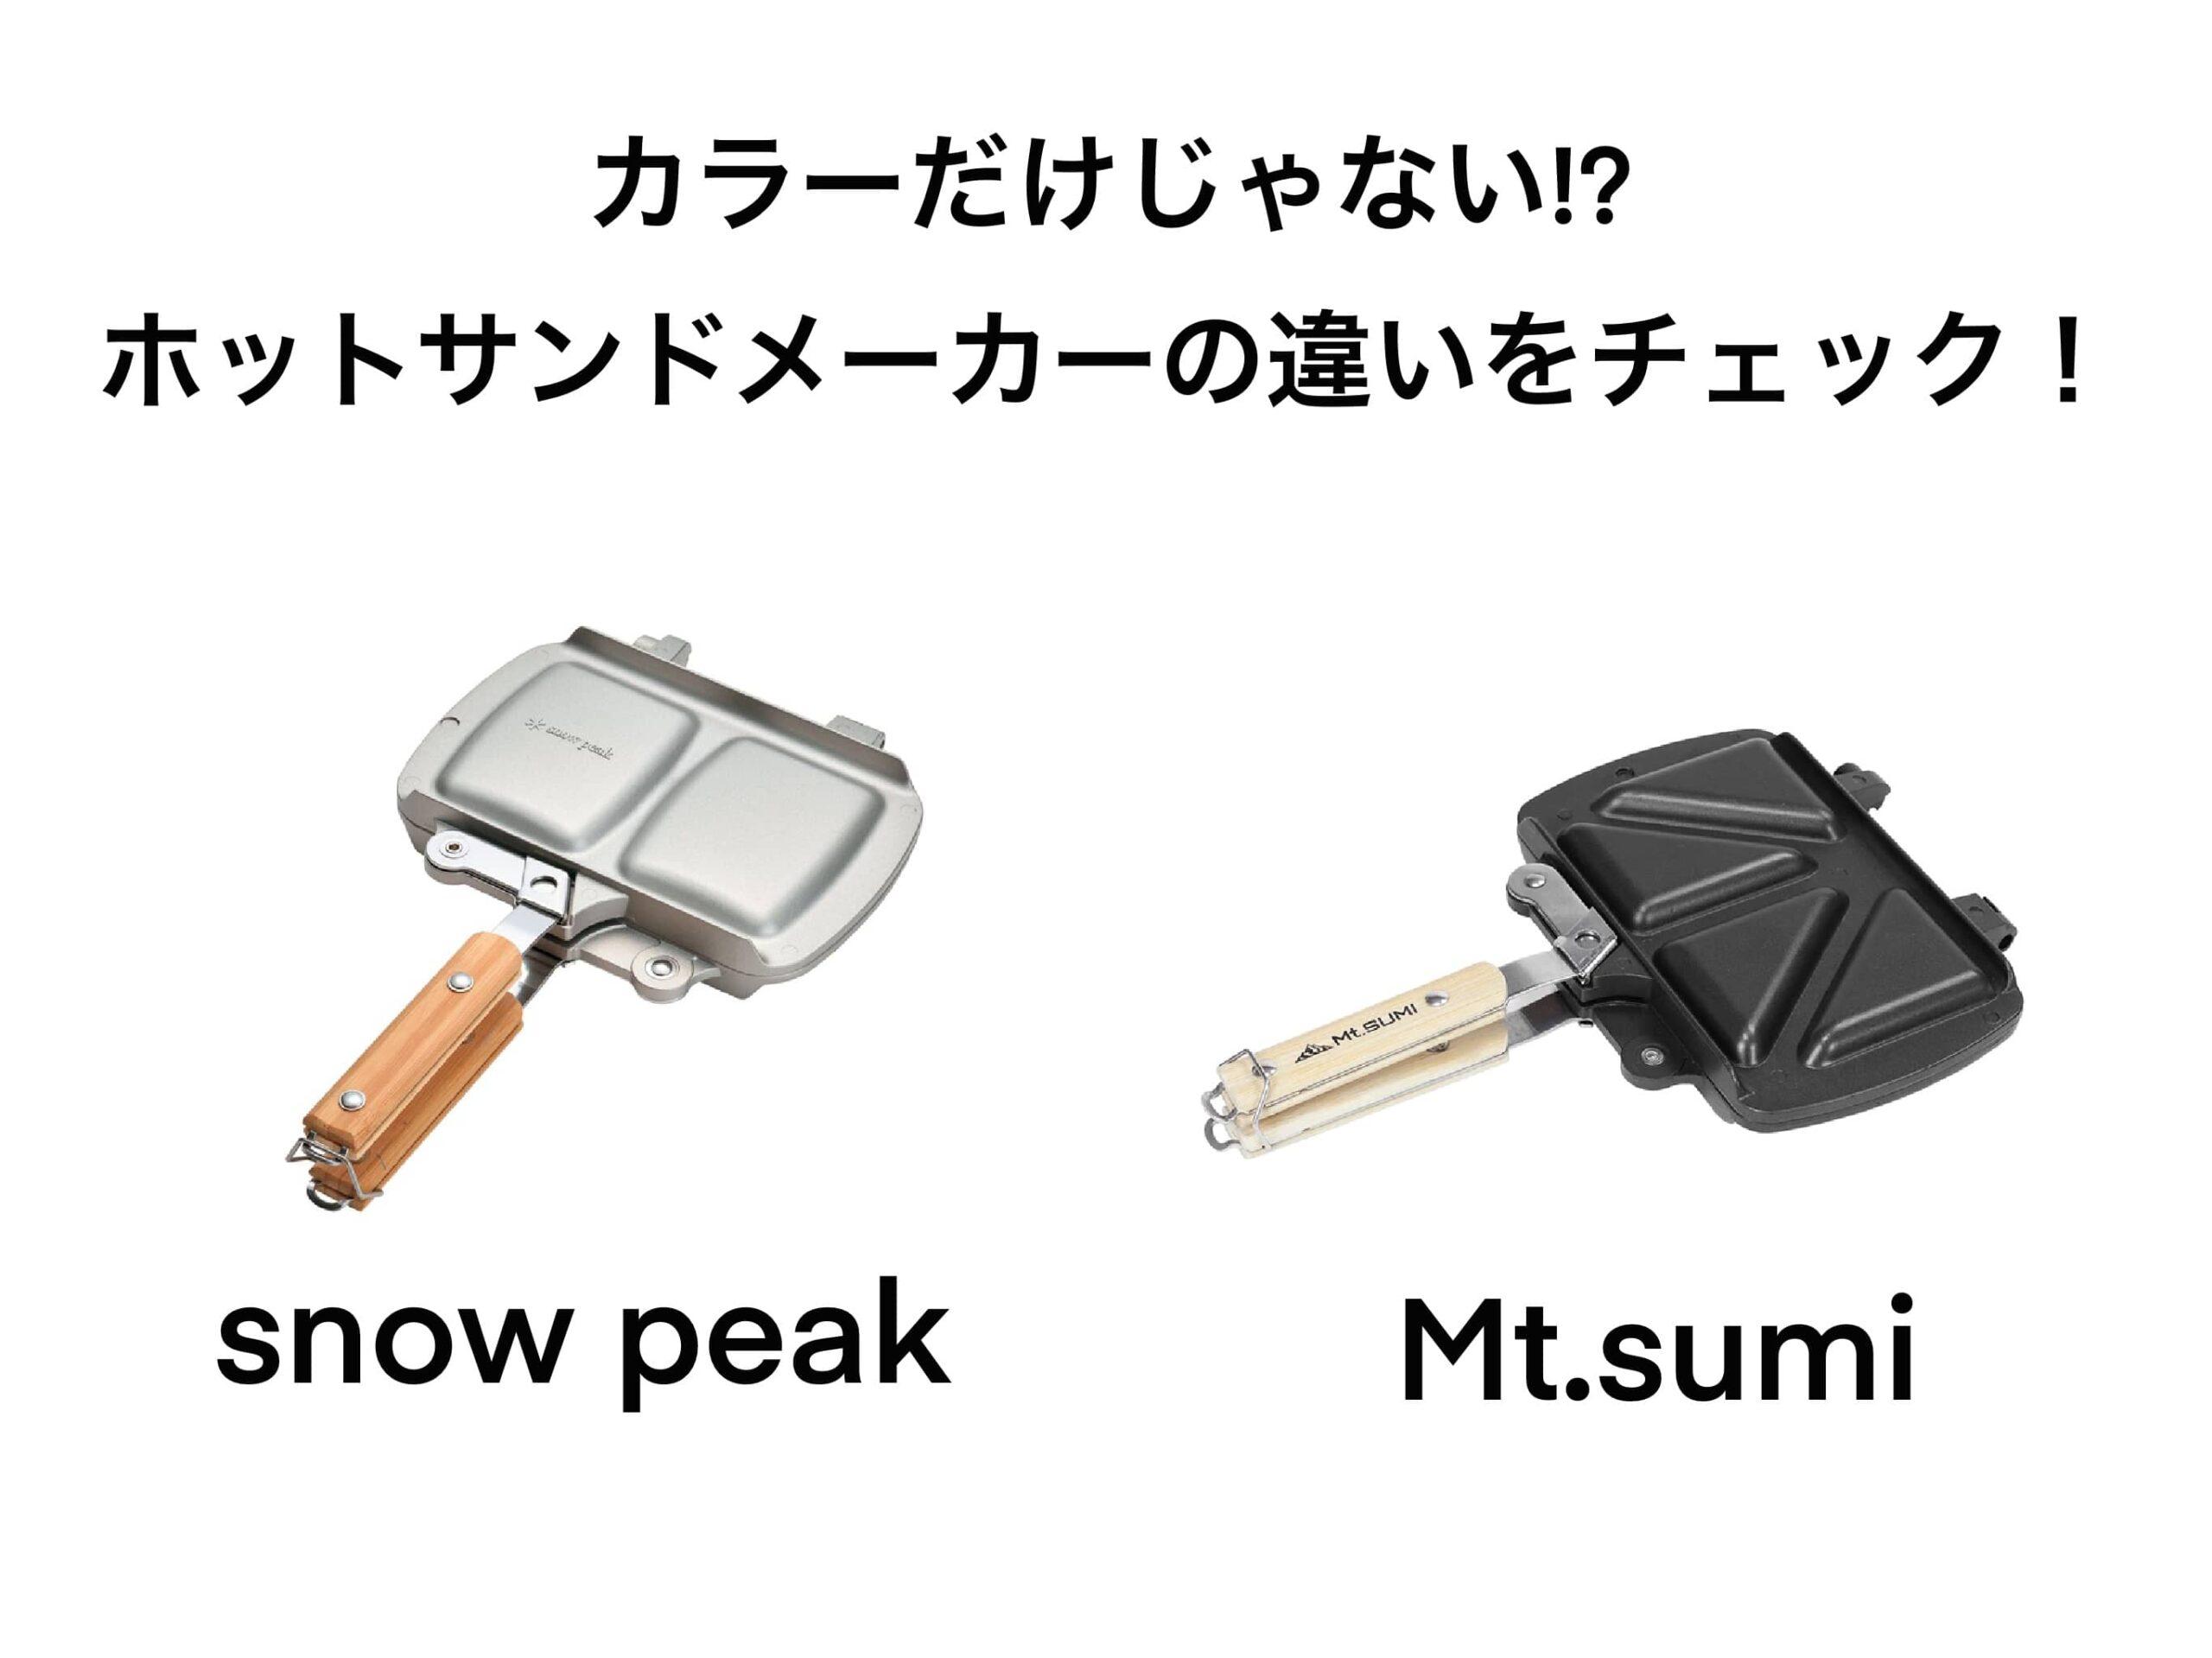 Mt.SUMIとsnow peak のホットサンドメーカー比較